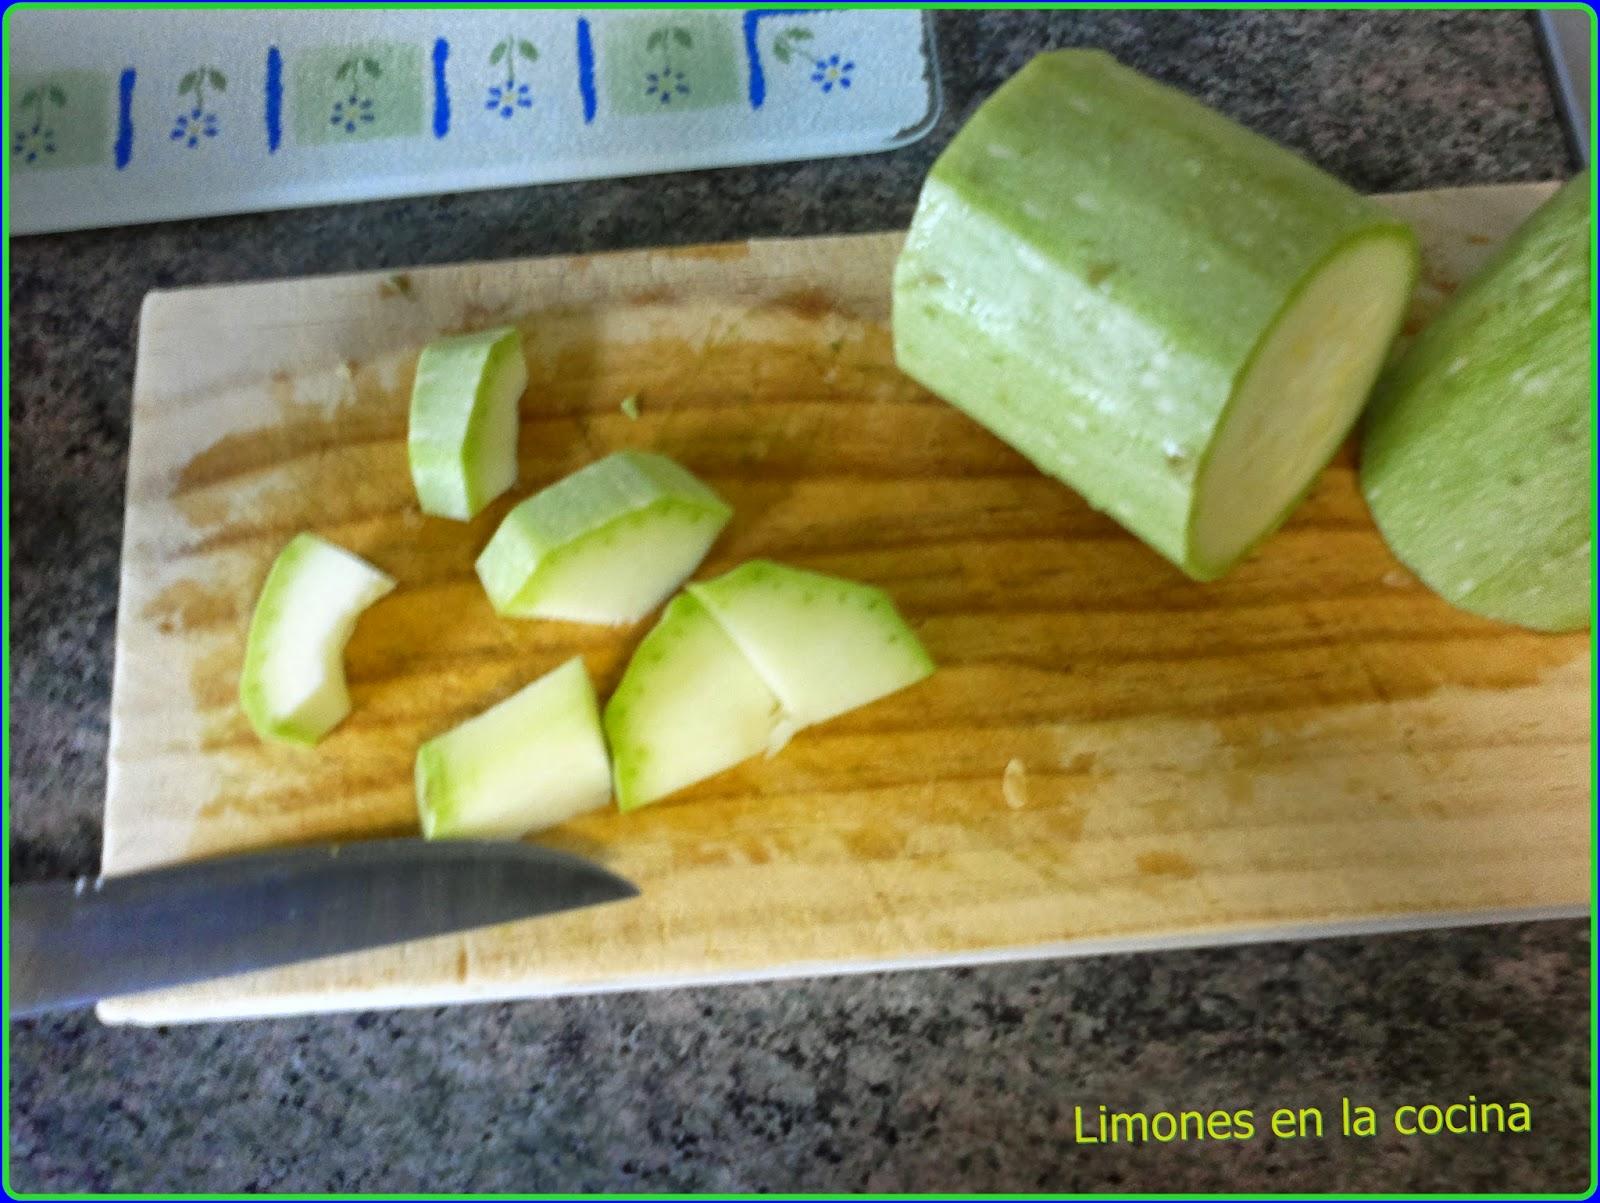 Limones en la cocina calabac n con at n y beicon al microondas - Bizcocho microondas isasaweis ...